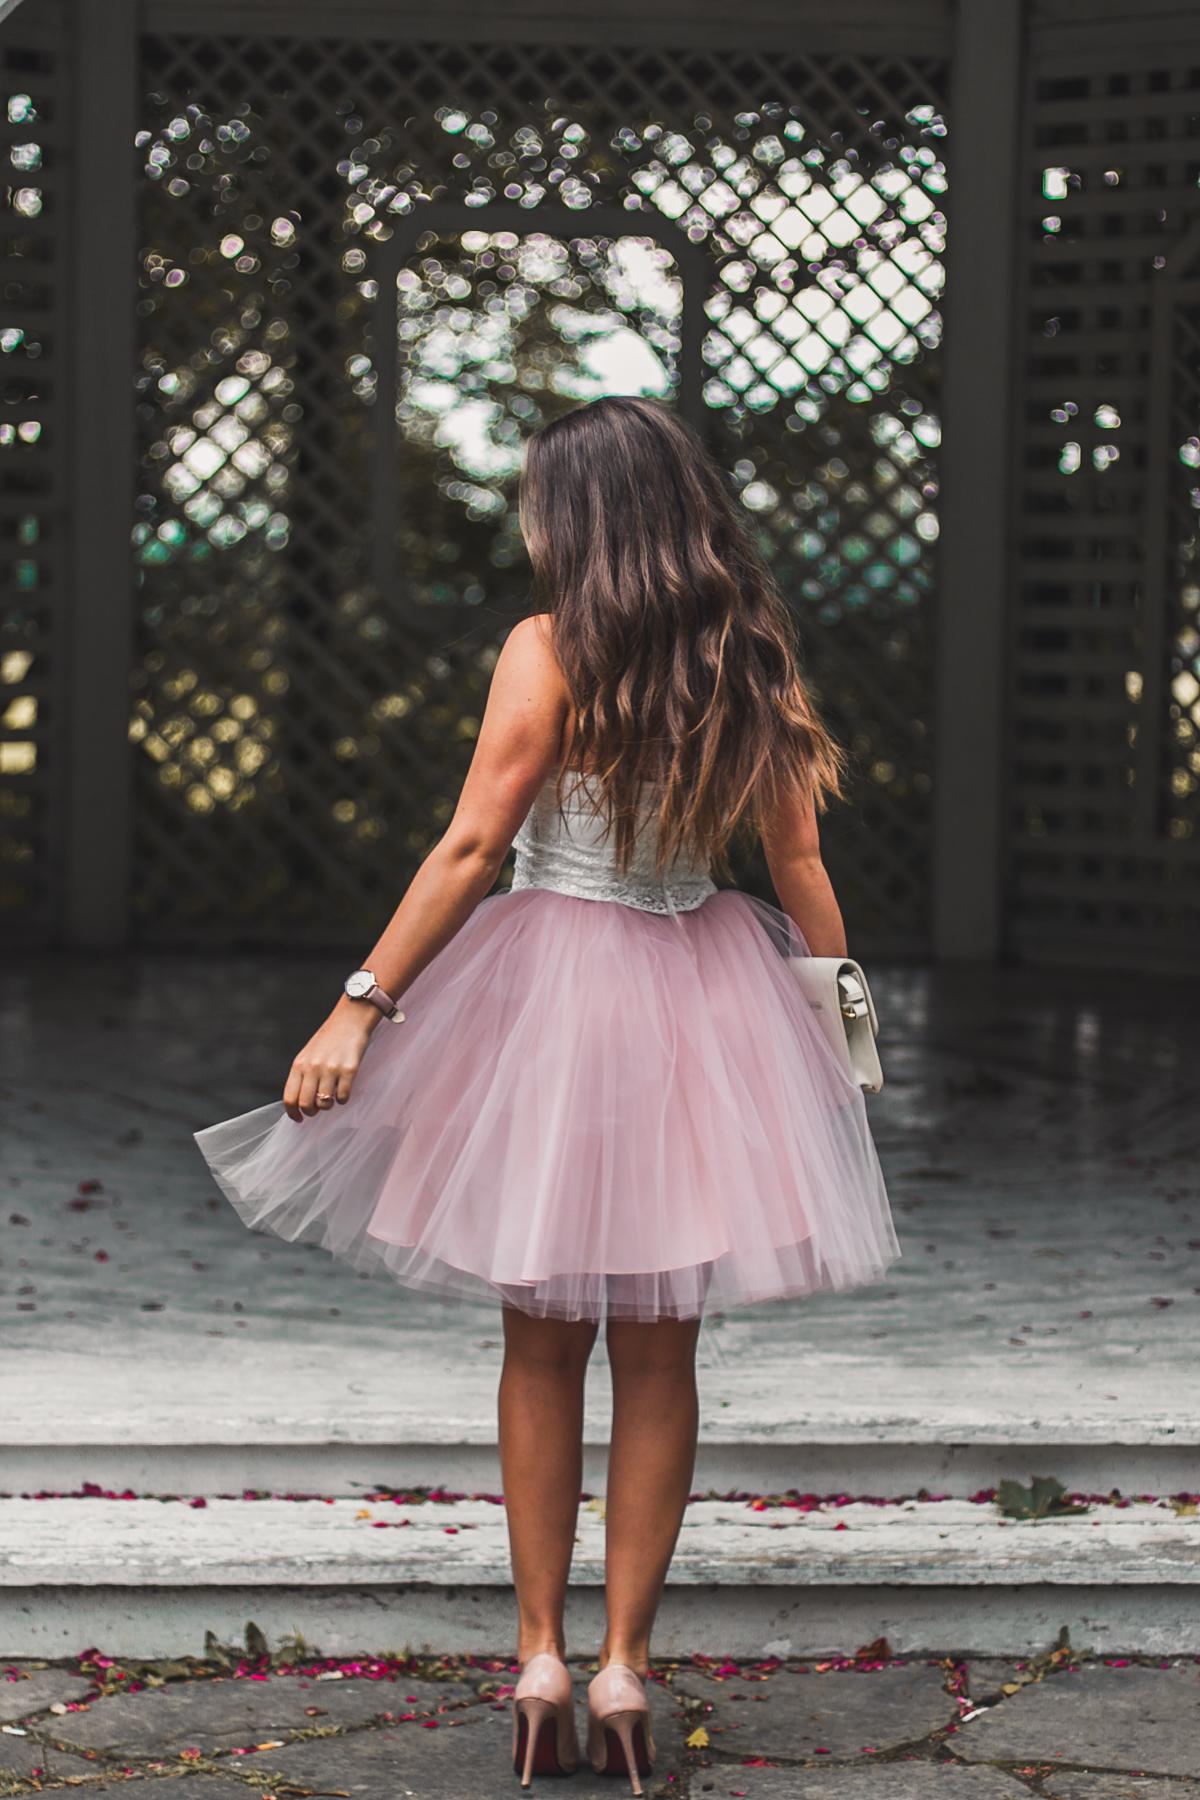 sukienka z różowym tiulem i białym topem